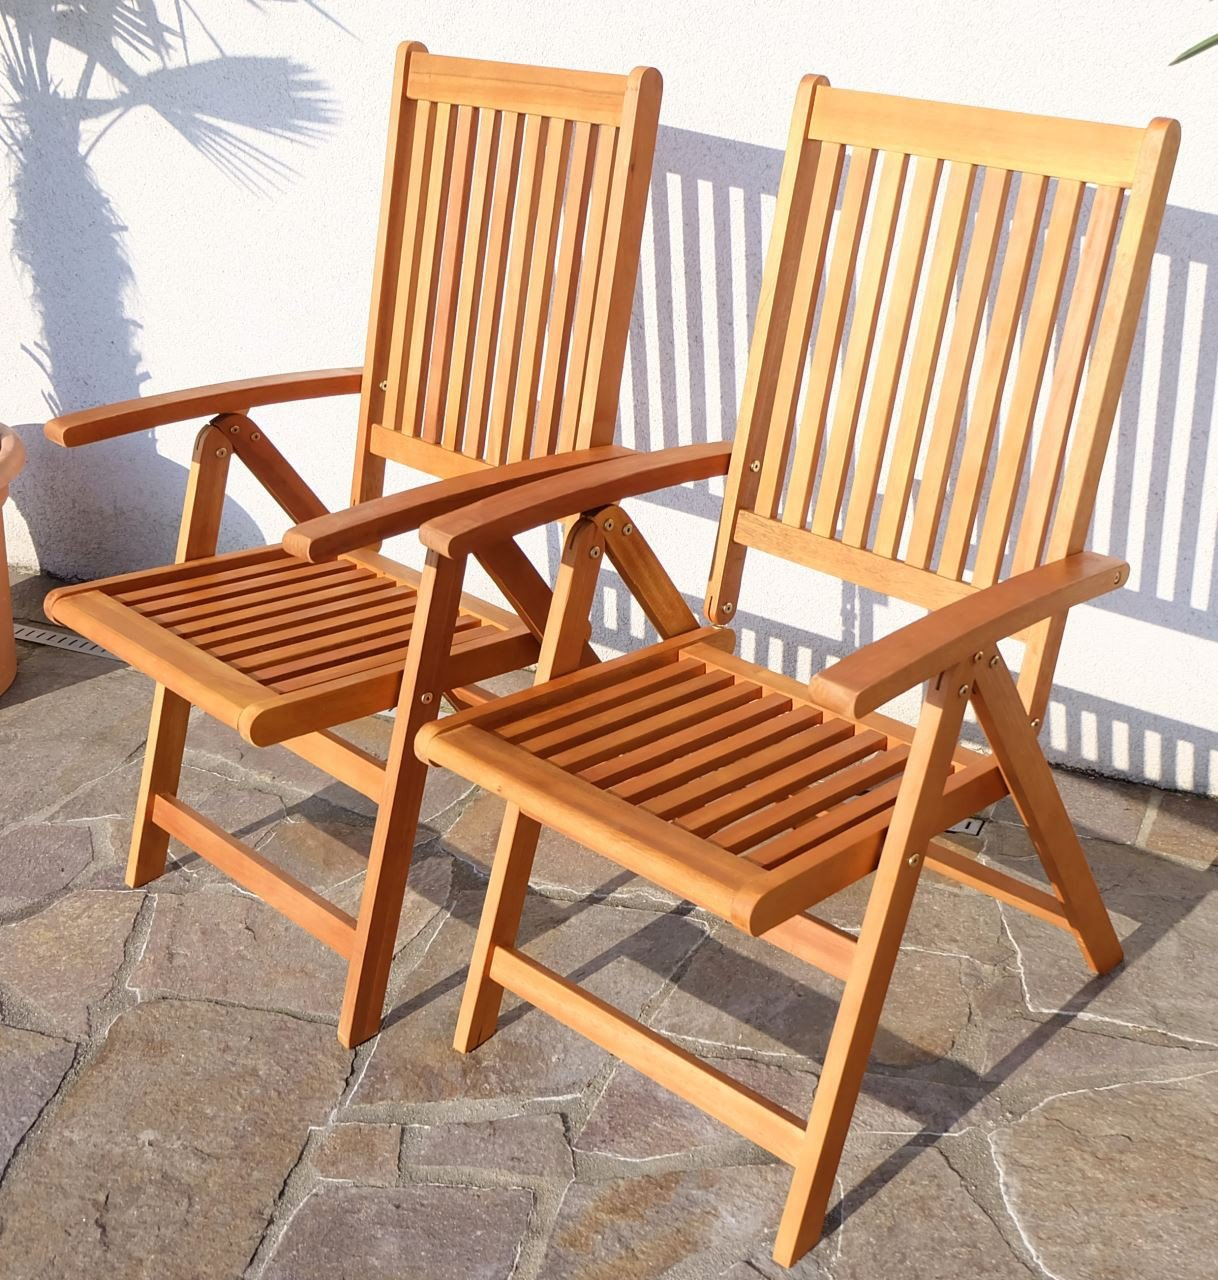 2x Design Hochlehner Klappstuhl Klappsessel Gartensessel Gartenstuhl Sessel Holzsessel Gartenmöbel 7-fach verstellbar Holz Eukalyptus geölt Modell: 'LIMA' von AS-S